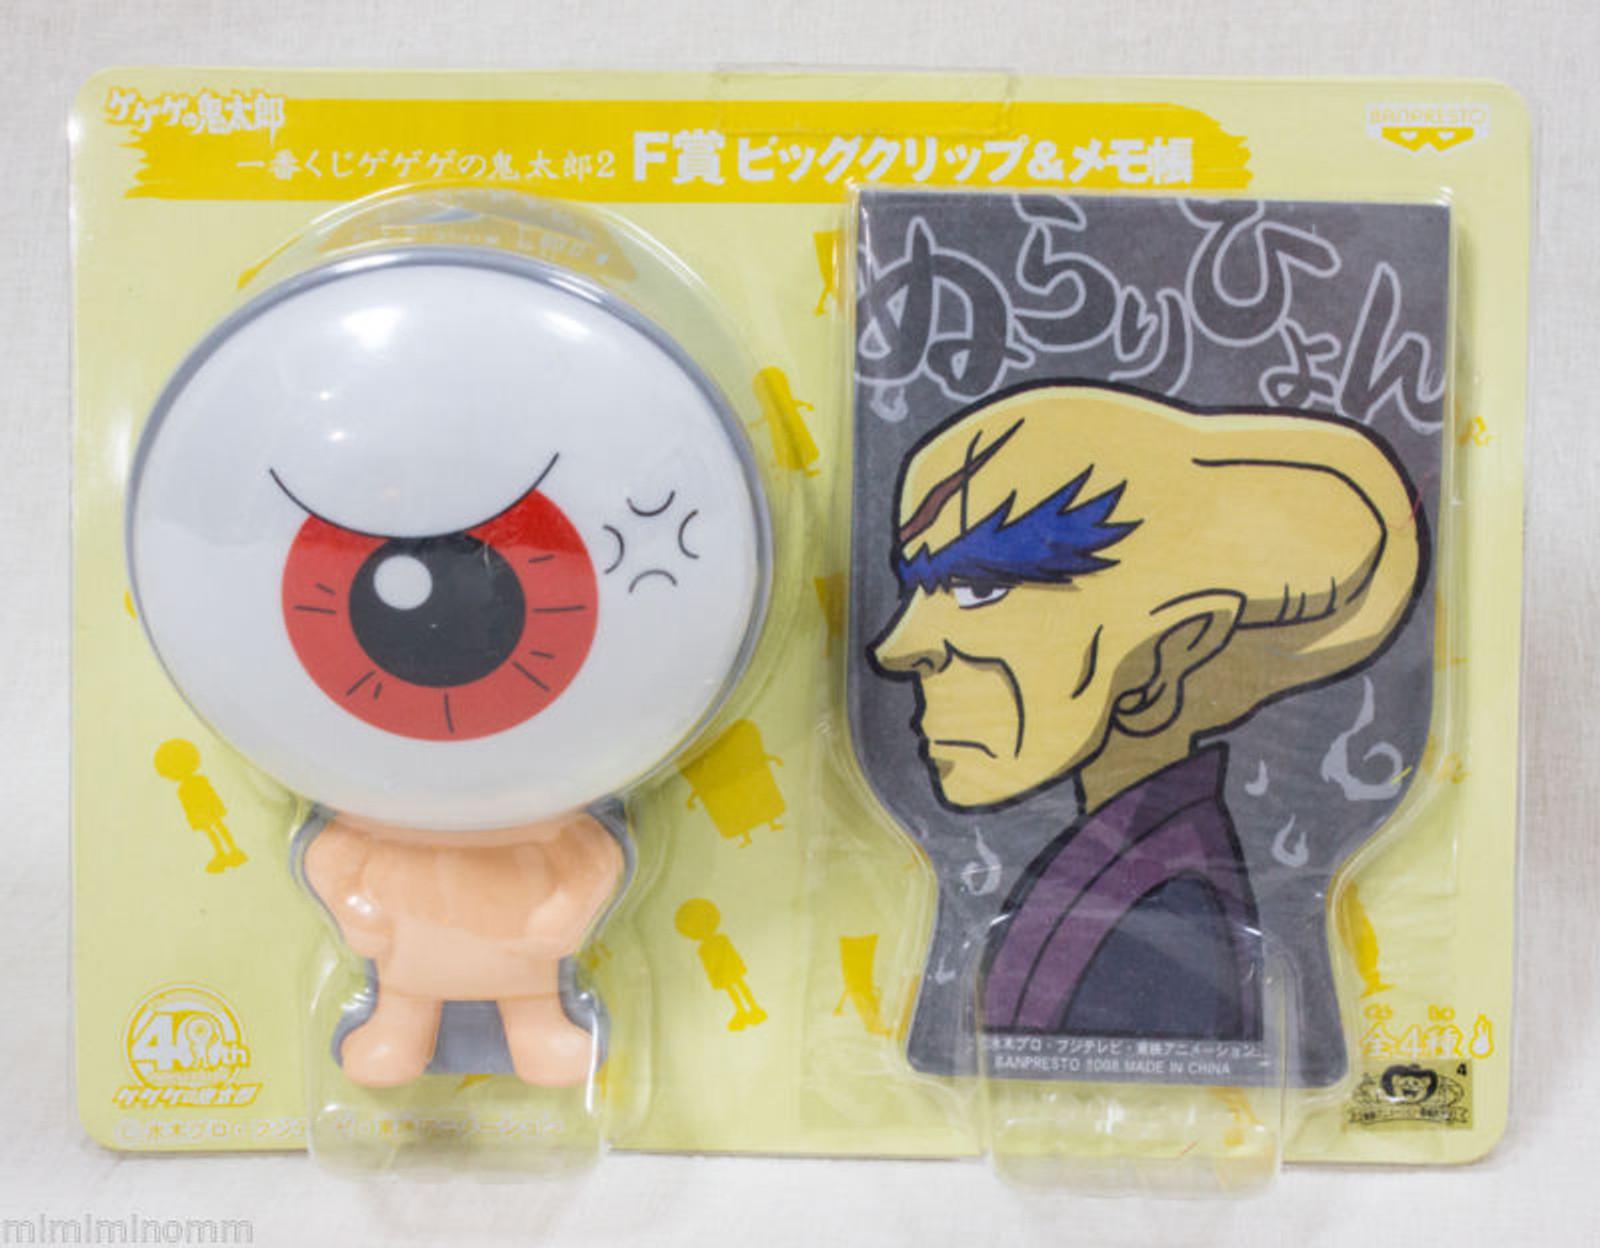 Gegege no Kitaro Medama-Oyaji Big Clip & Nurarihyon Memo Pad JAPAN ANIME MANGA